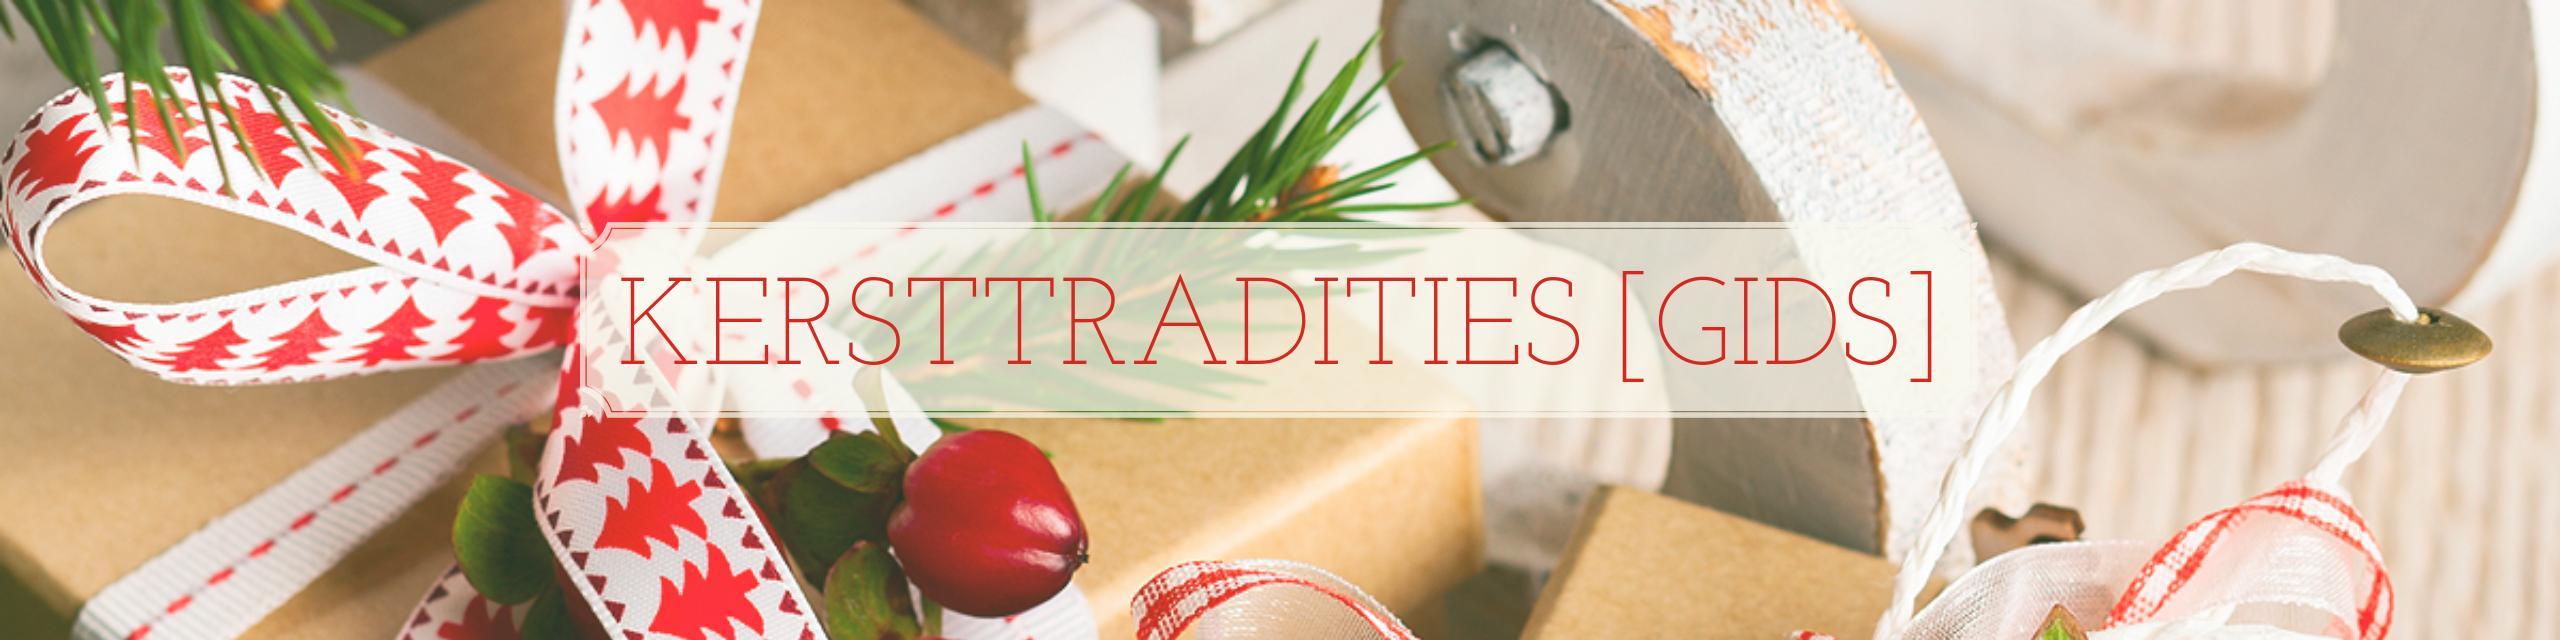 kersttradities-gids-definitief